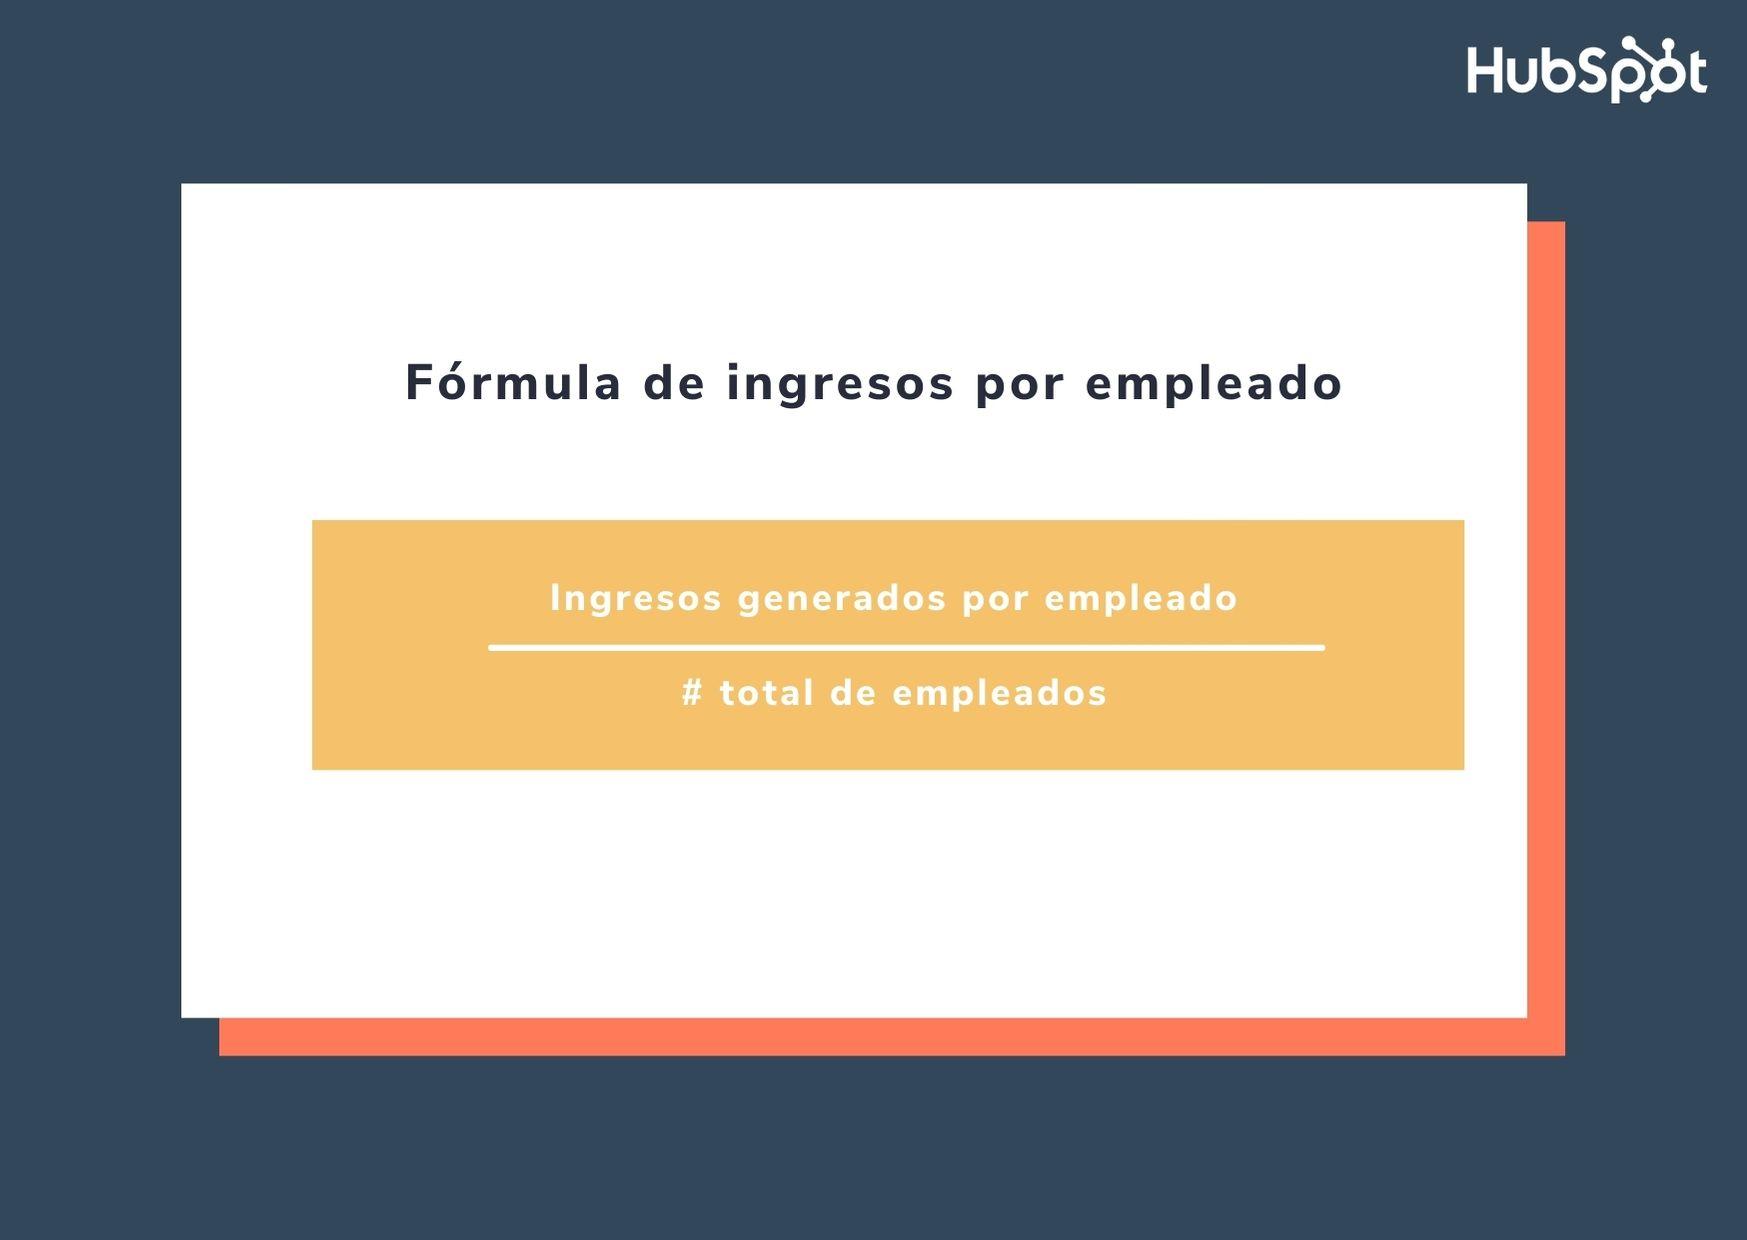 Fórmula de ingresos por empleado